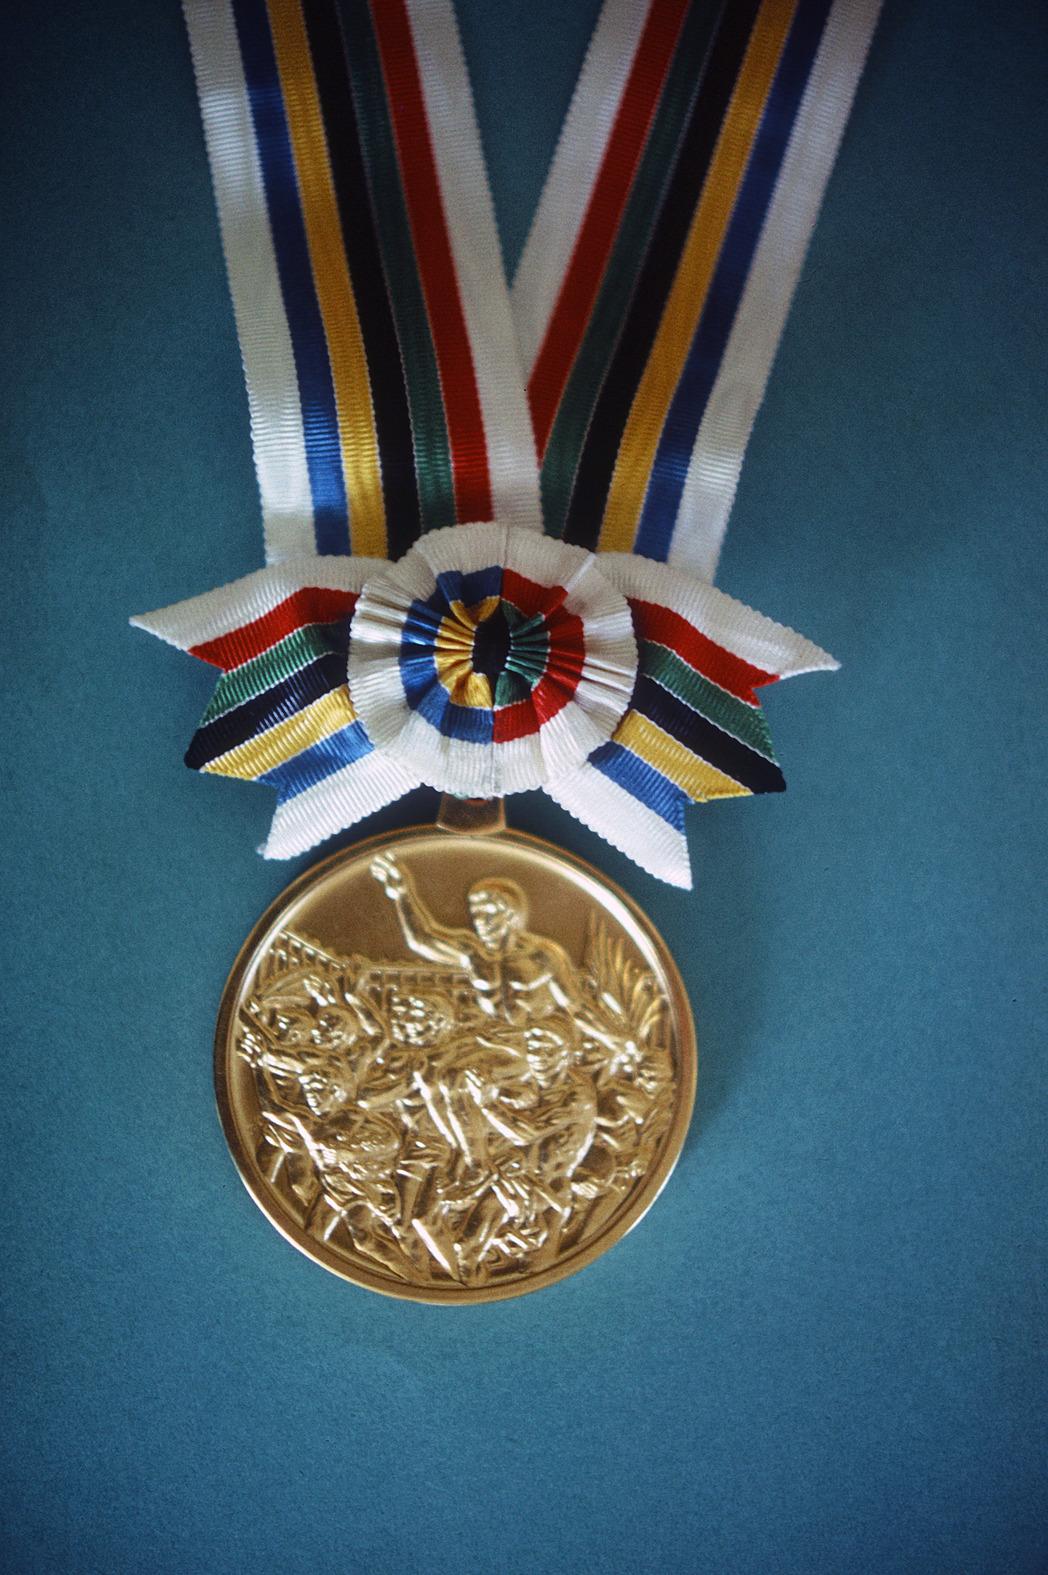 Inside the Bullseye: Gary's First Olympic Gold Medal 1964